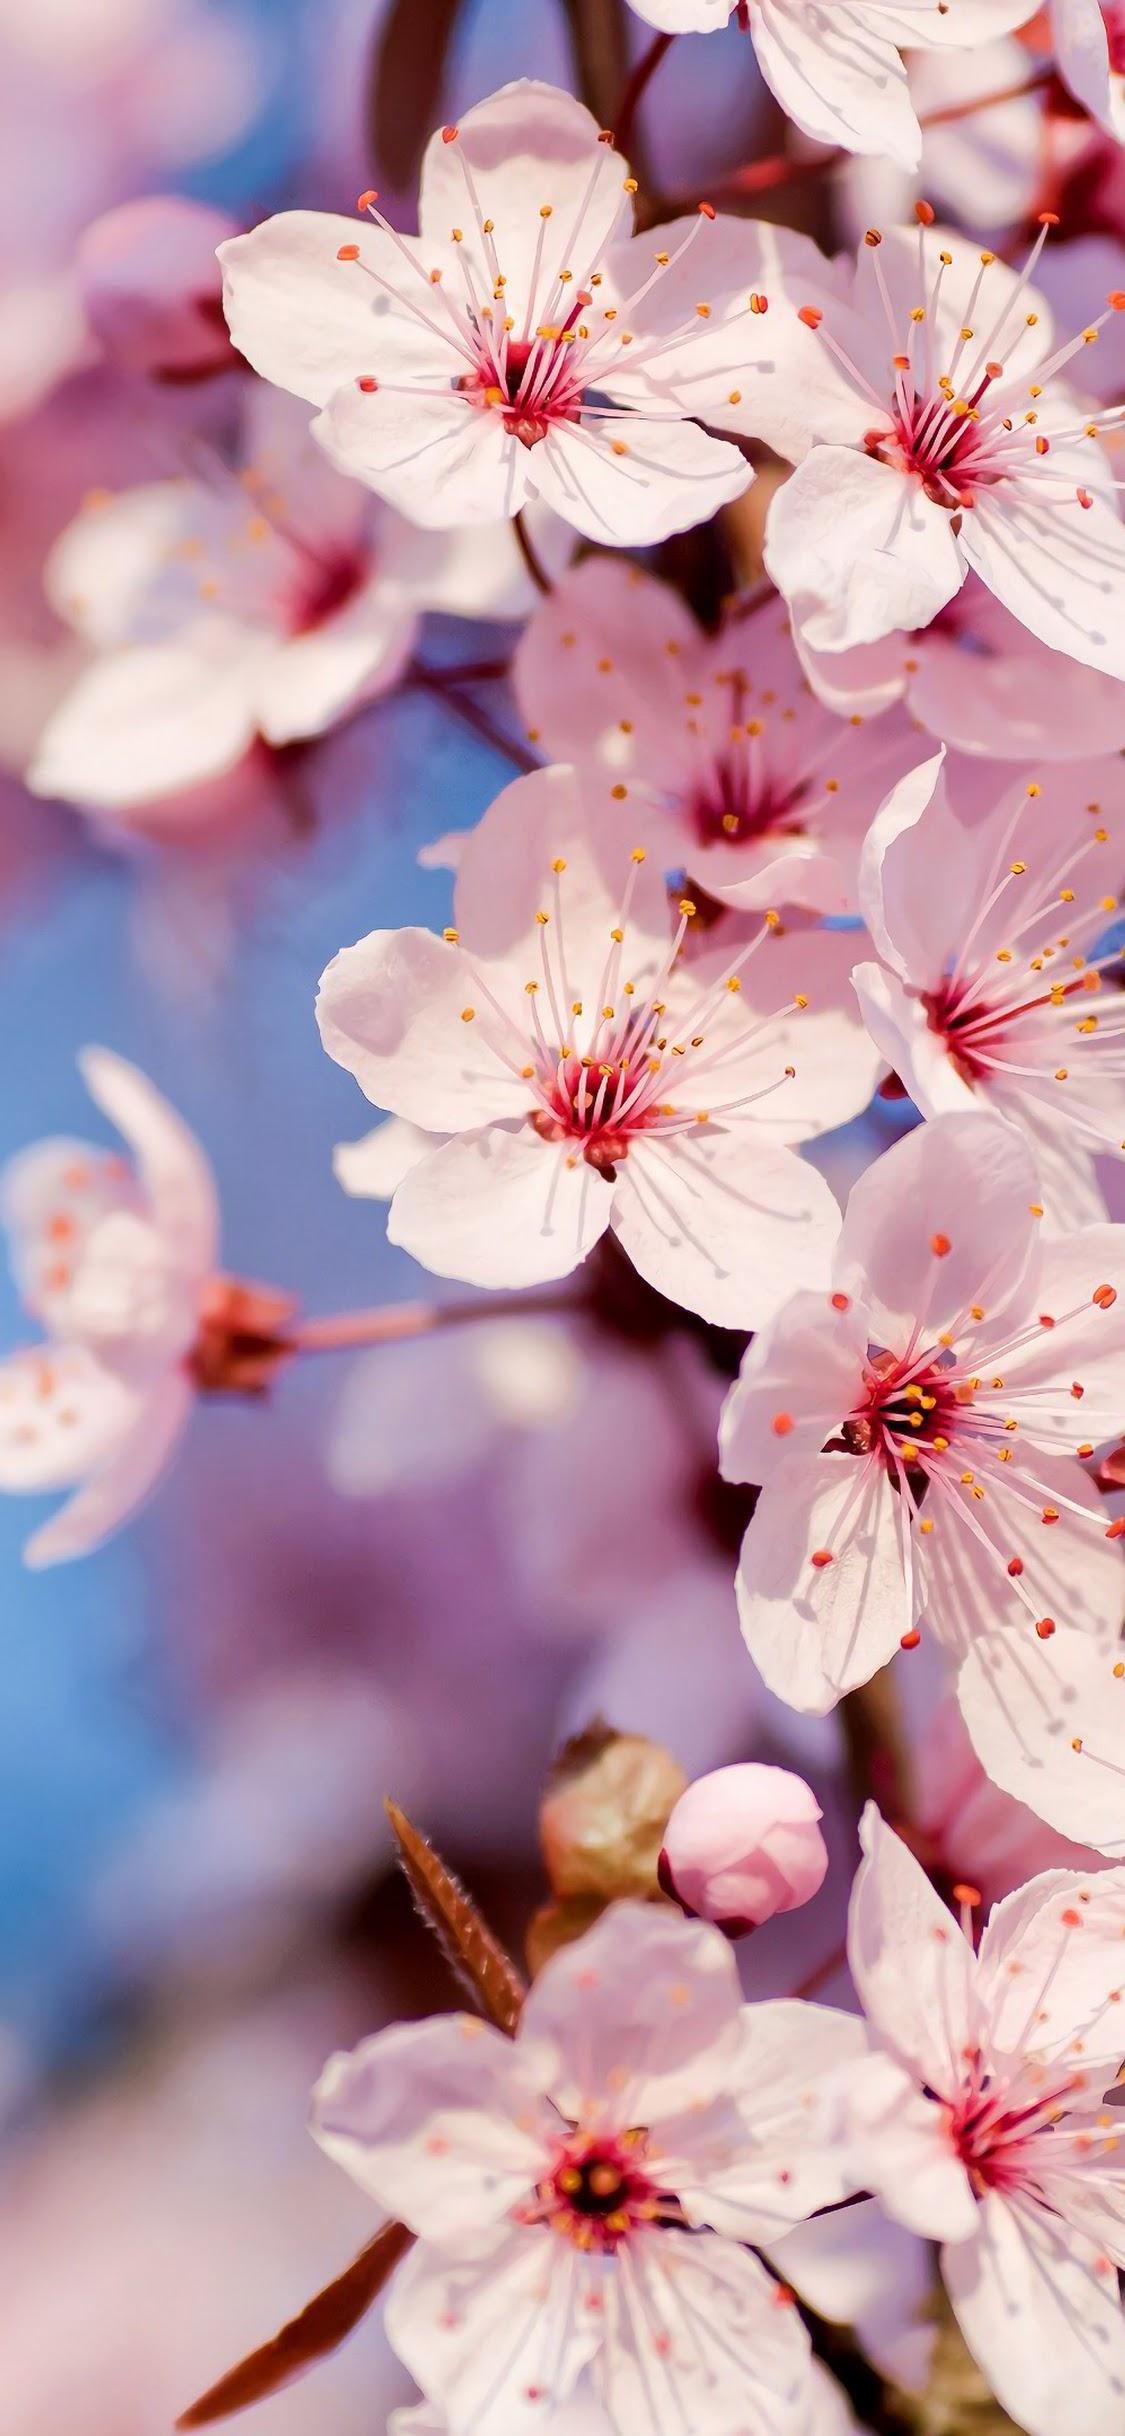 White Flower Nature 4k Wallpaper 94